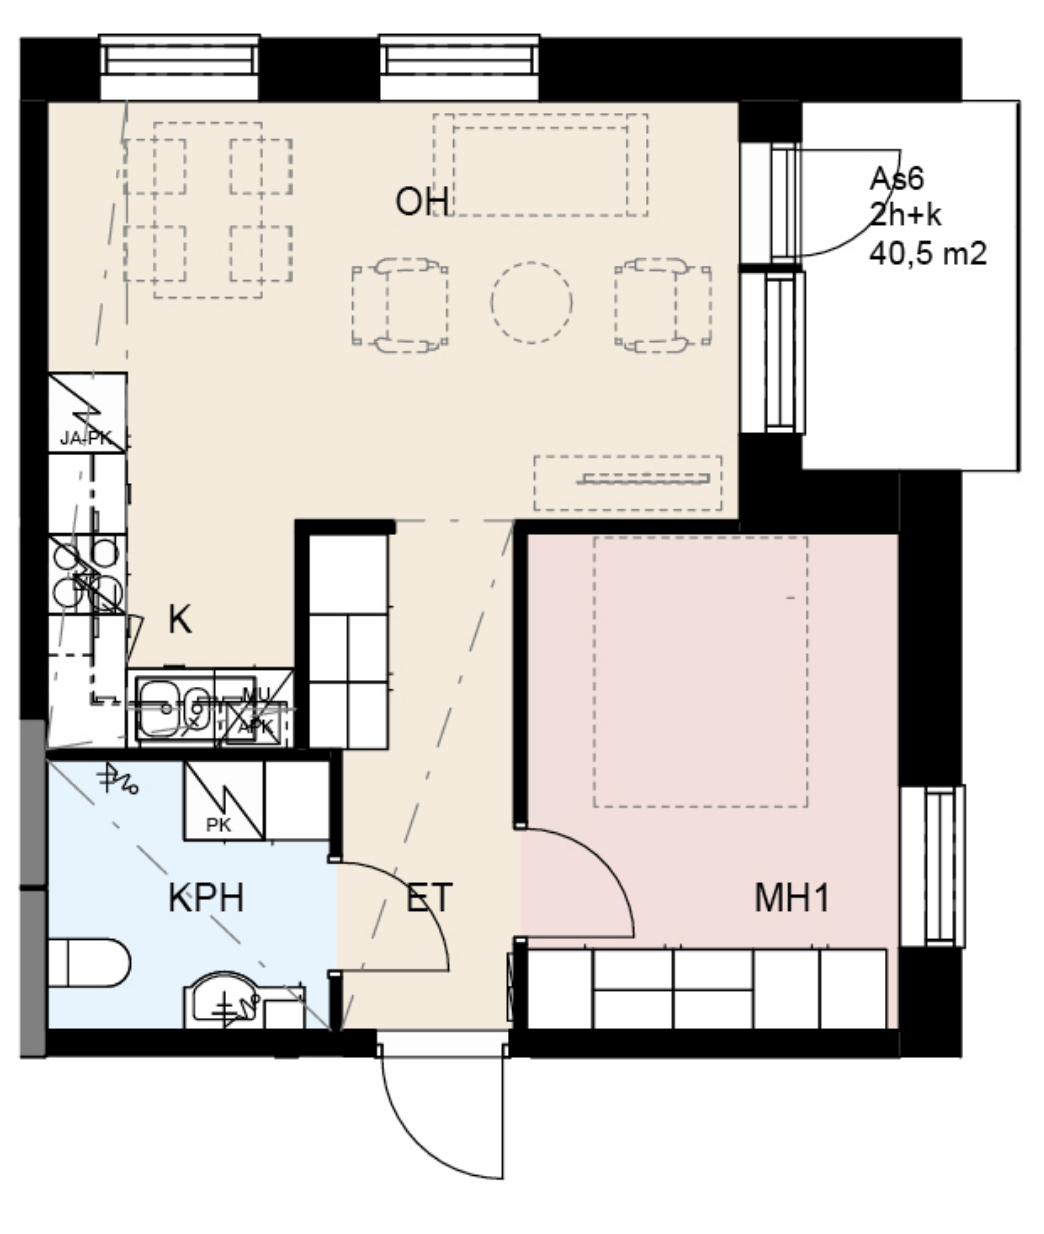 rakennus-kaseva-jyvaskyla-osmankaami-huoneisto-6-10-14